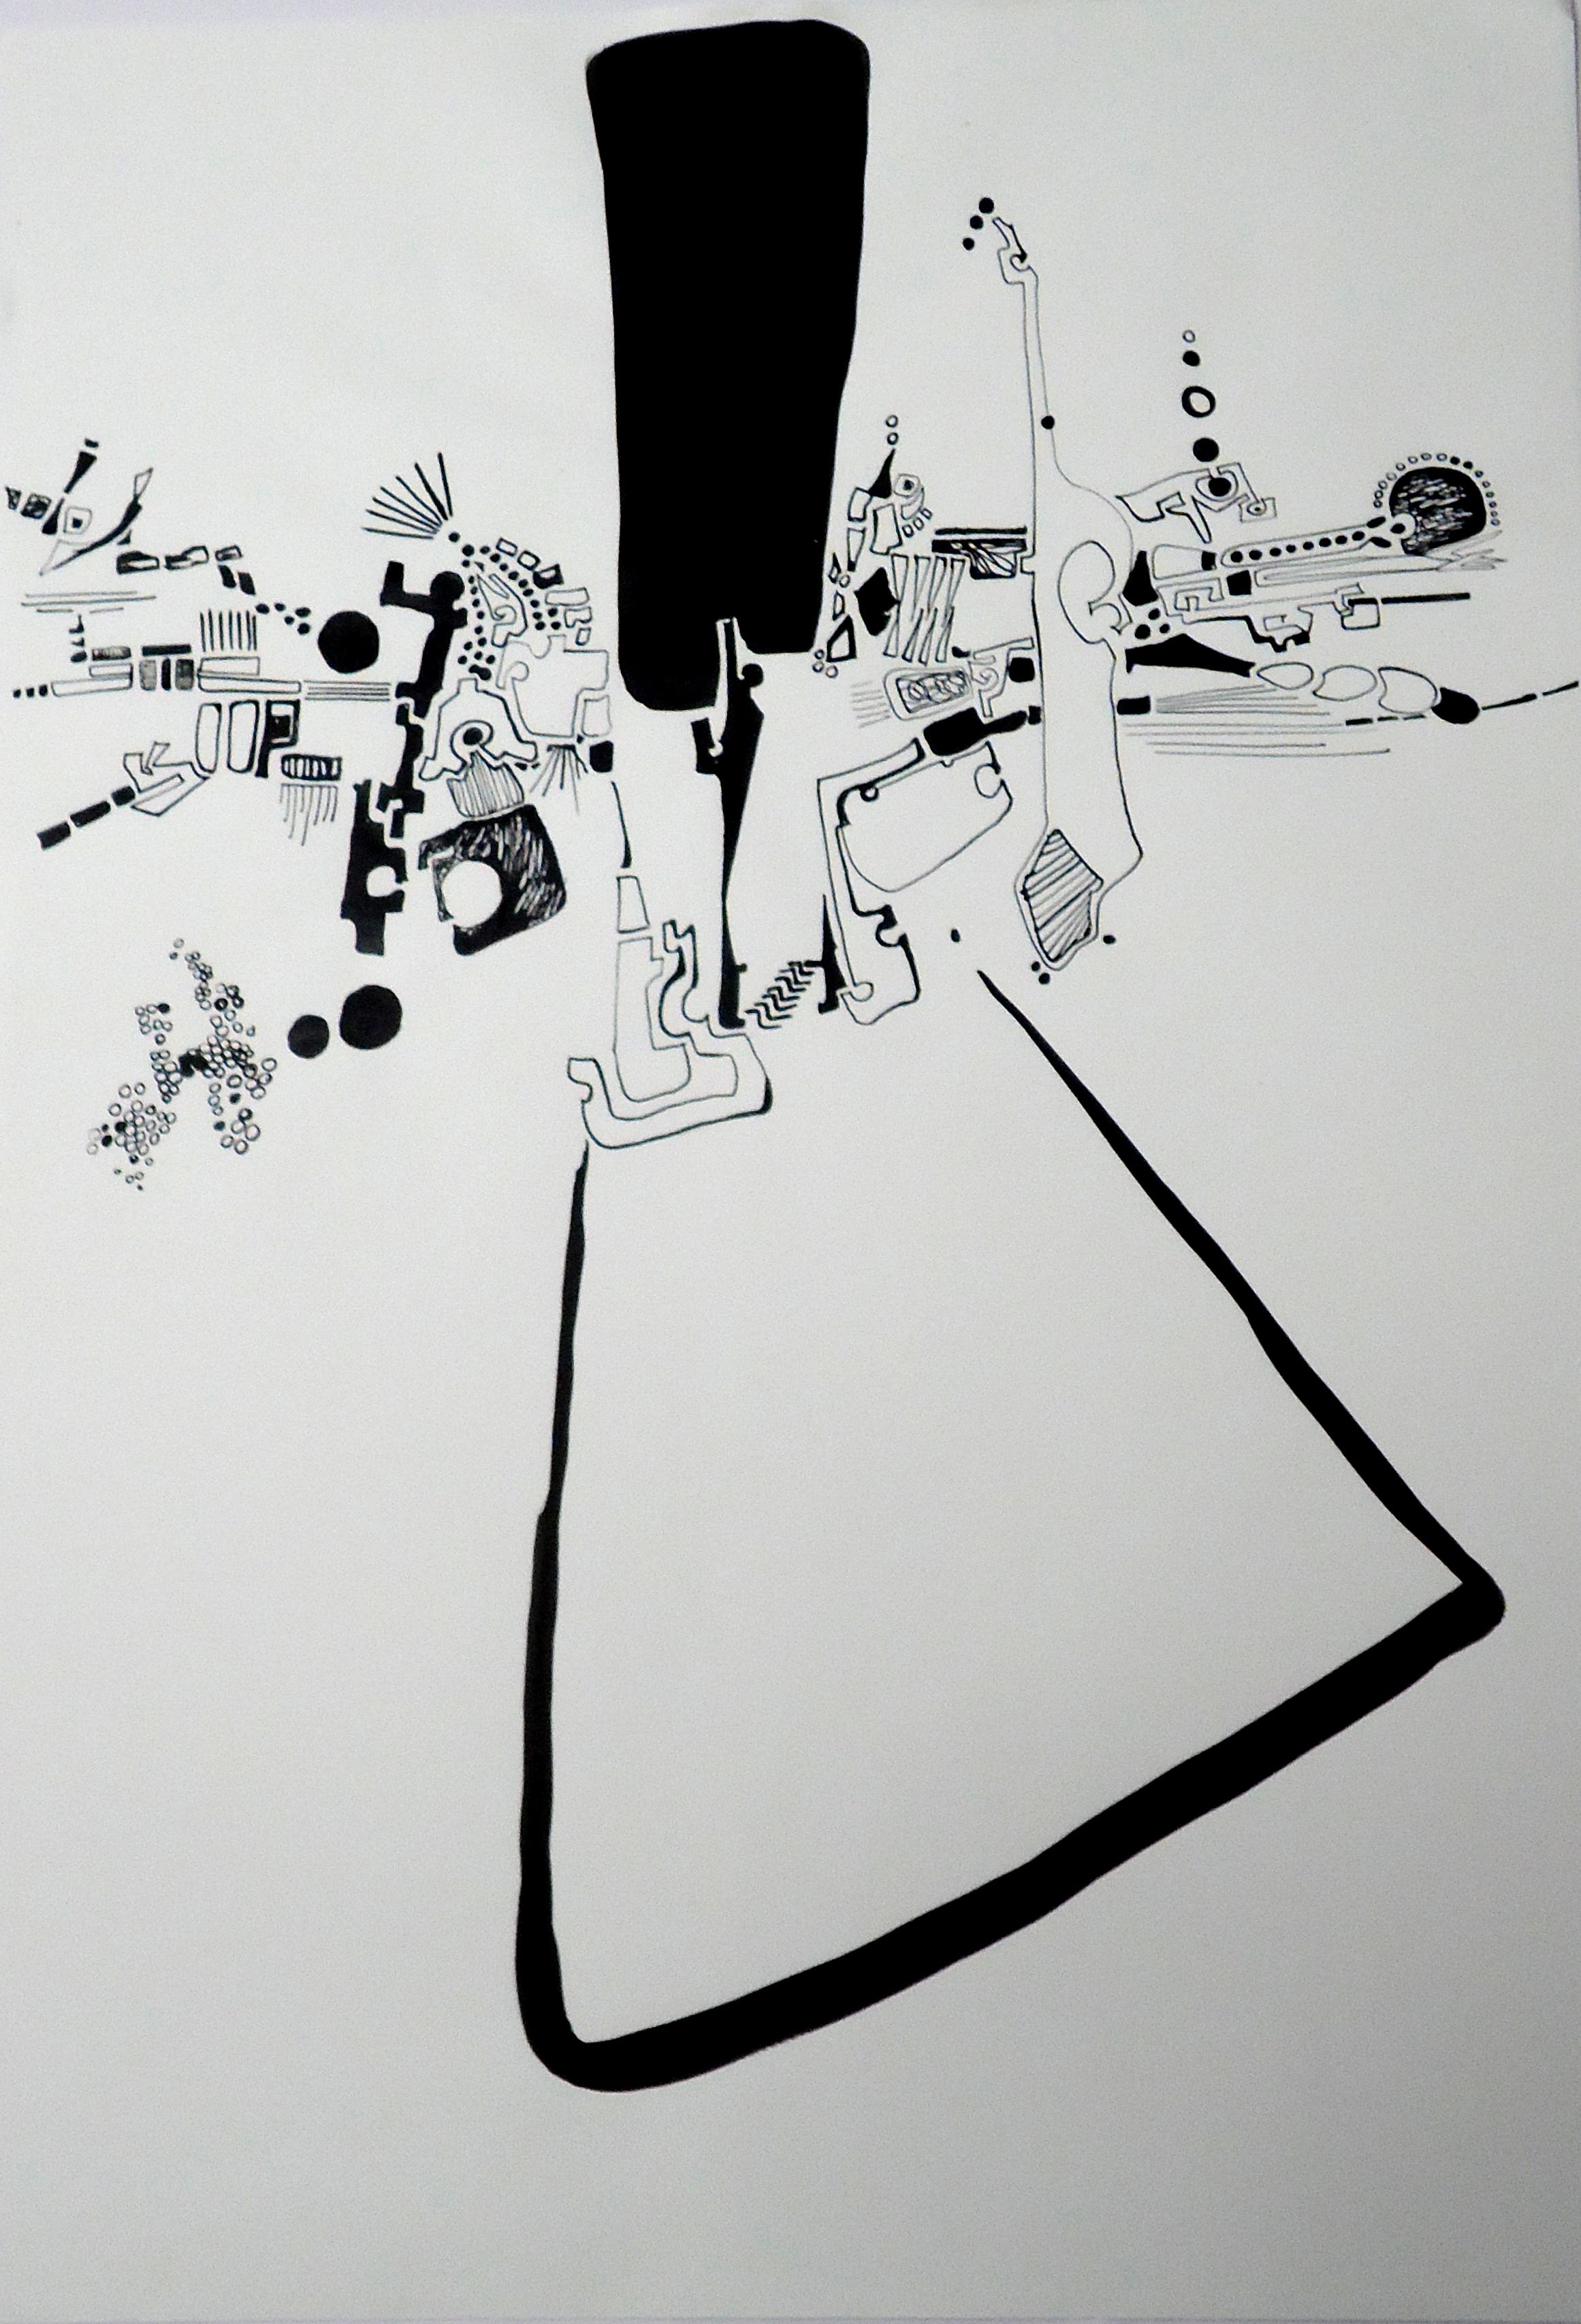 alexandra tollet - ombre - a12